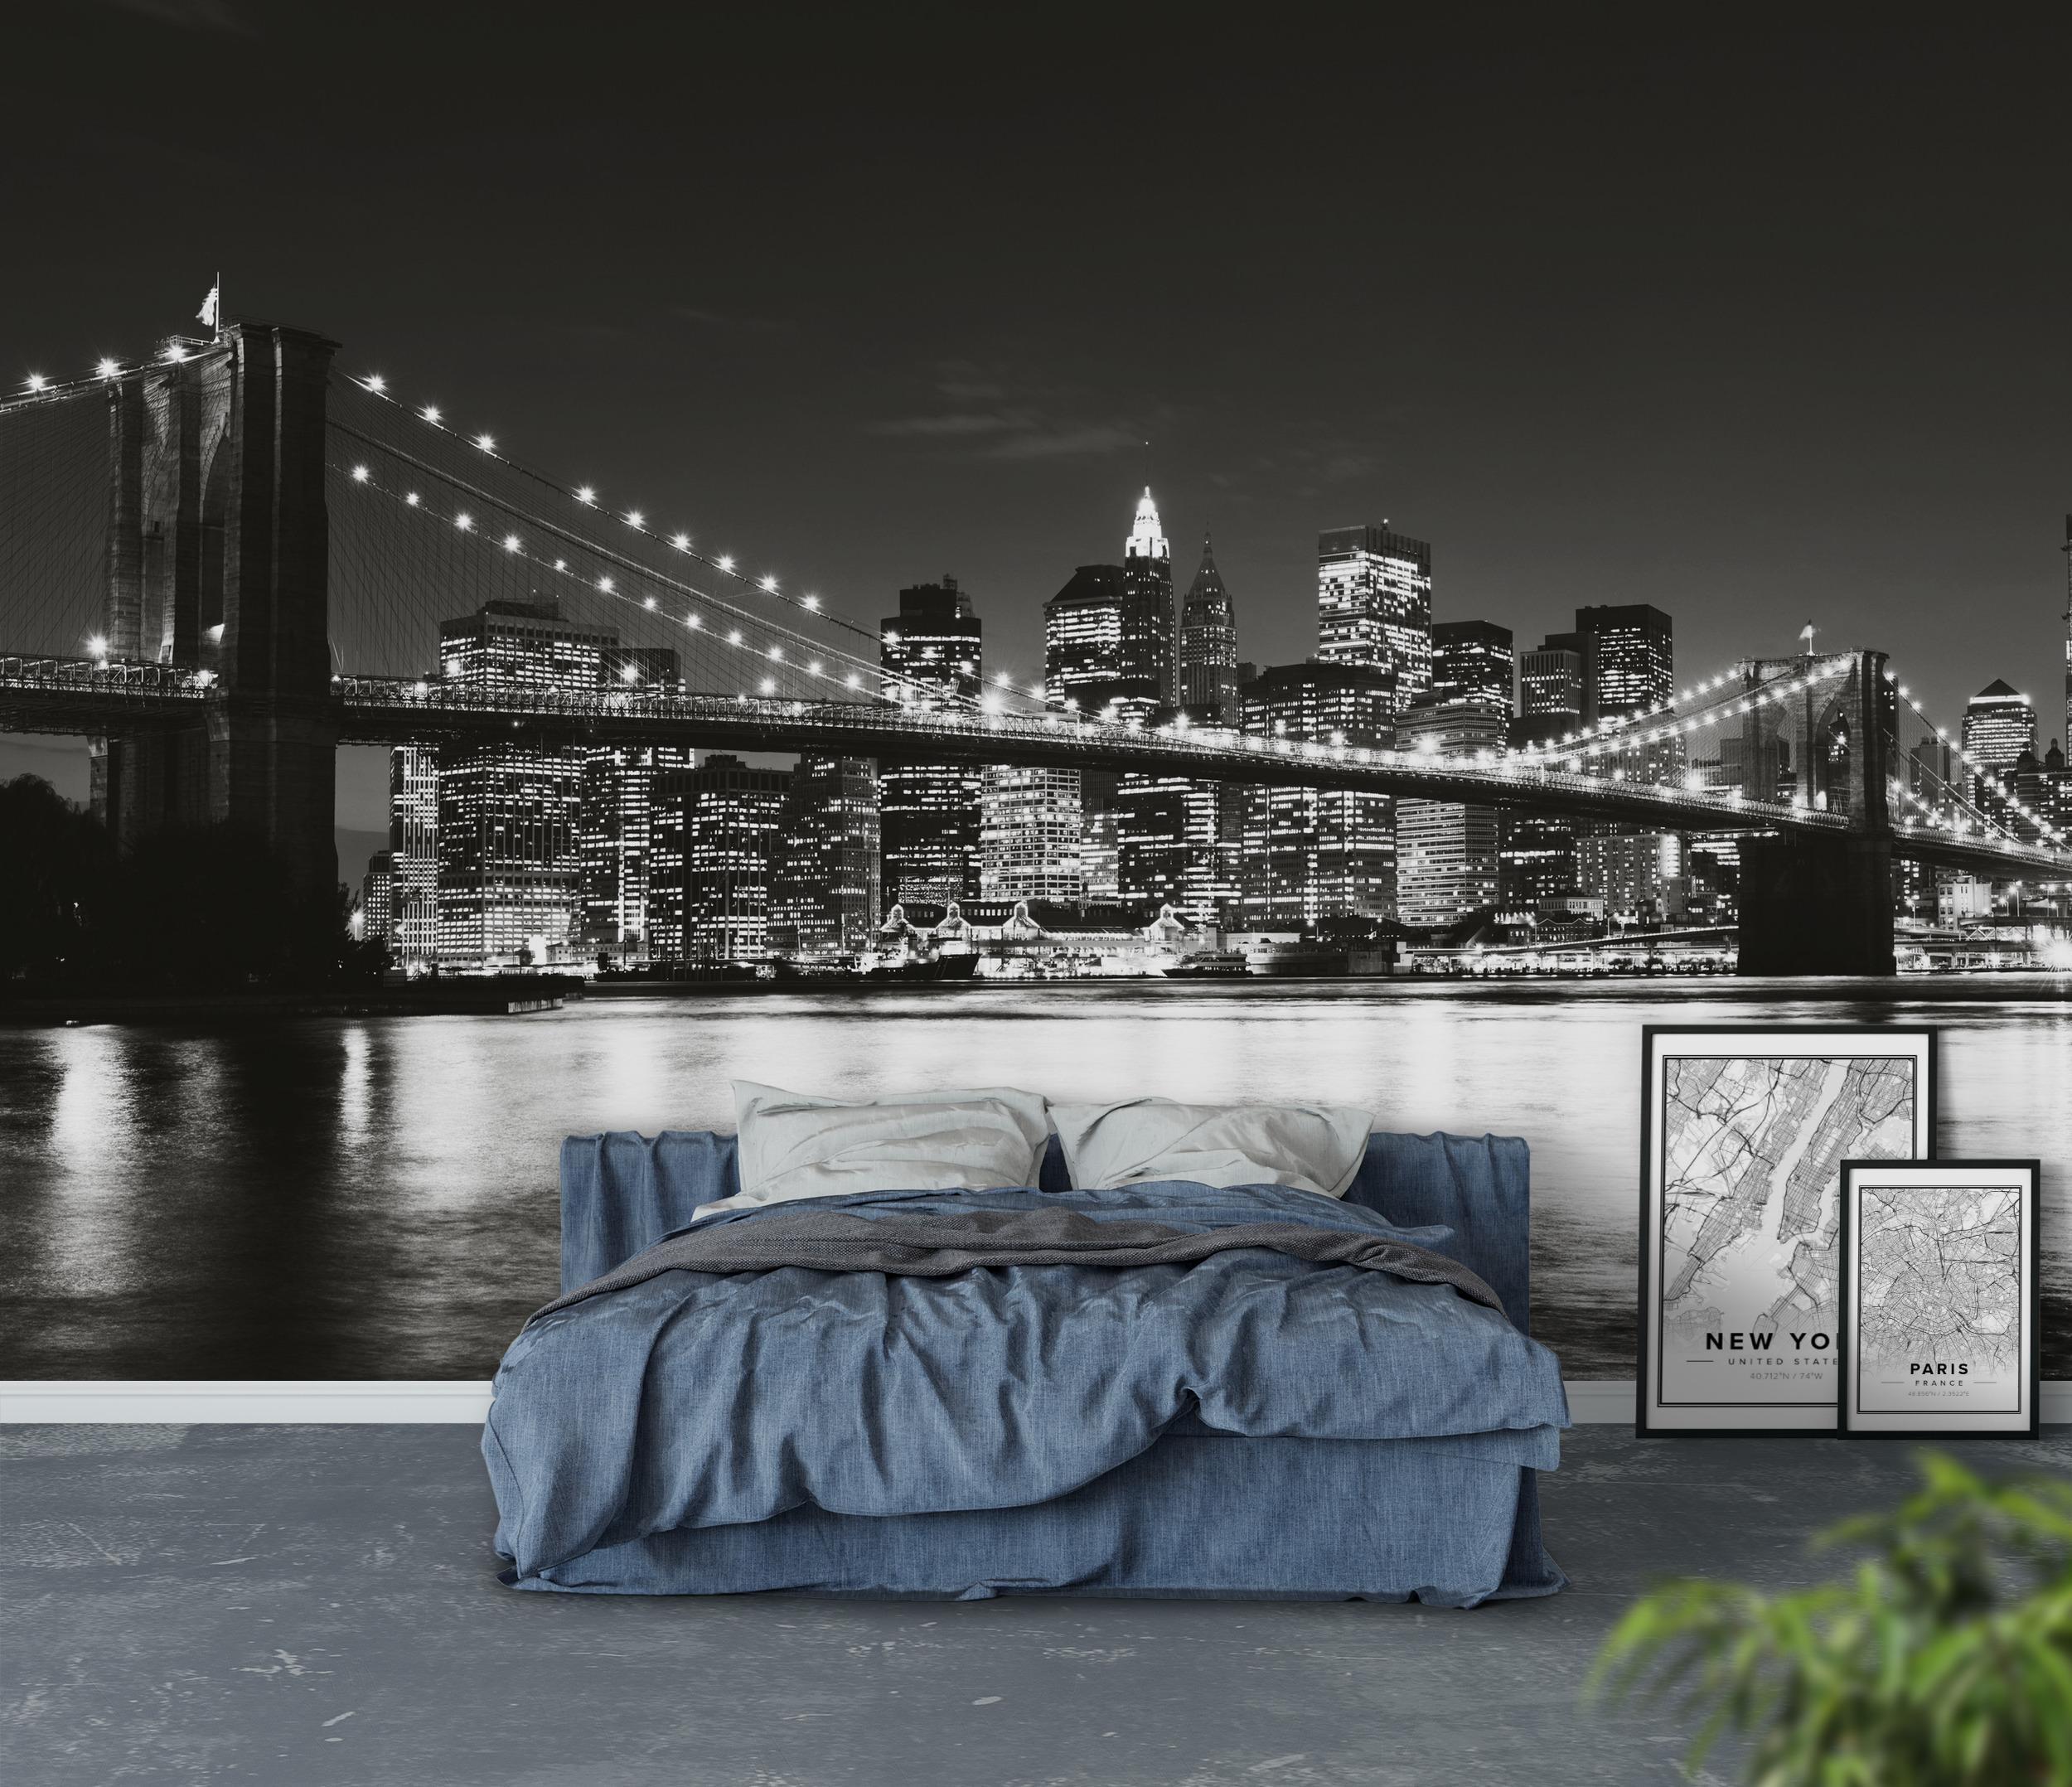 Wall mural brooklyn bridge black and white new york for Brooklyn bridge black and white wall mural